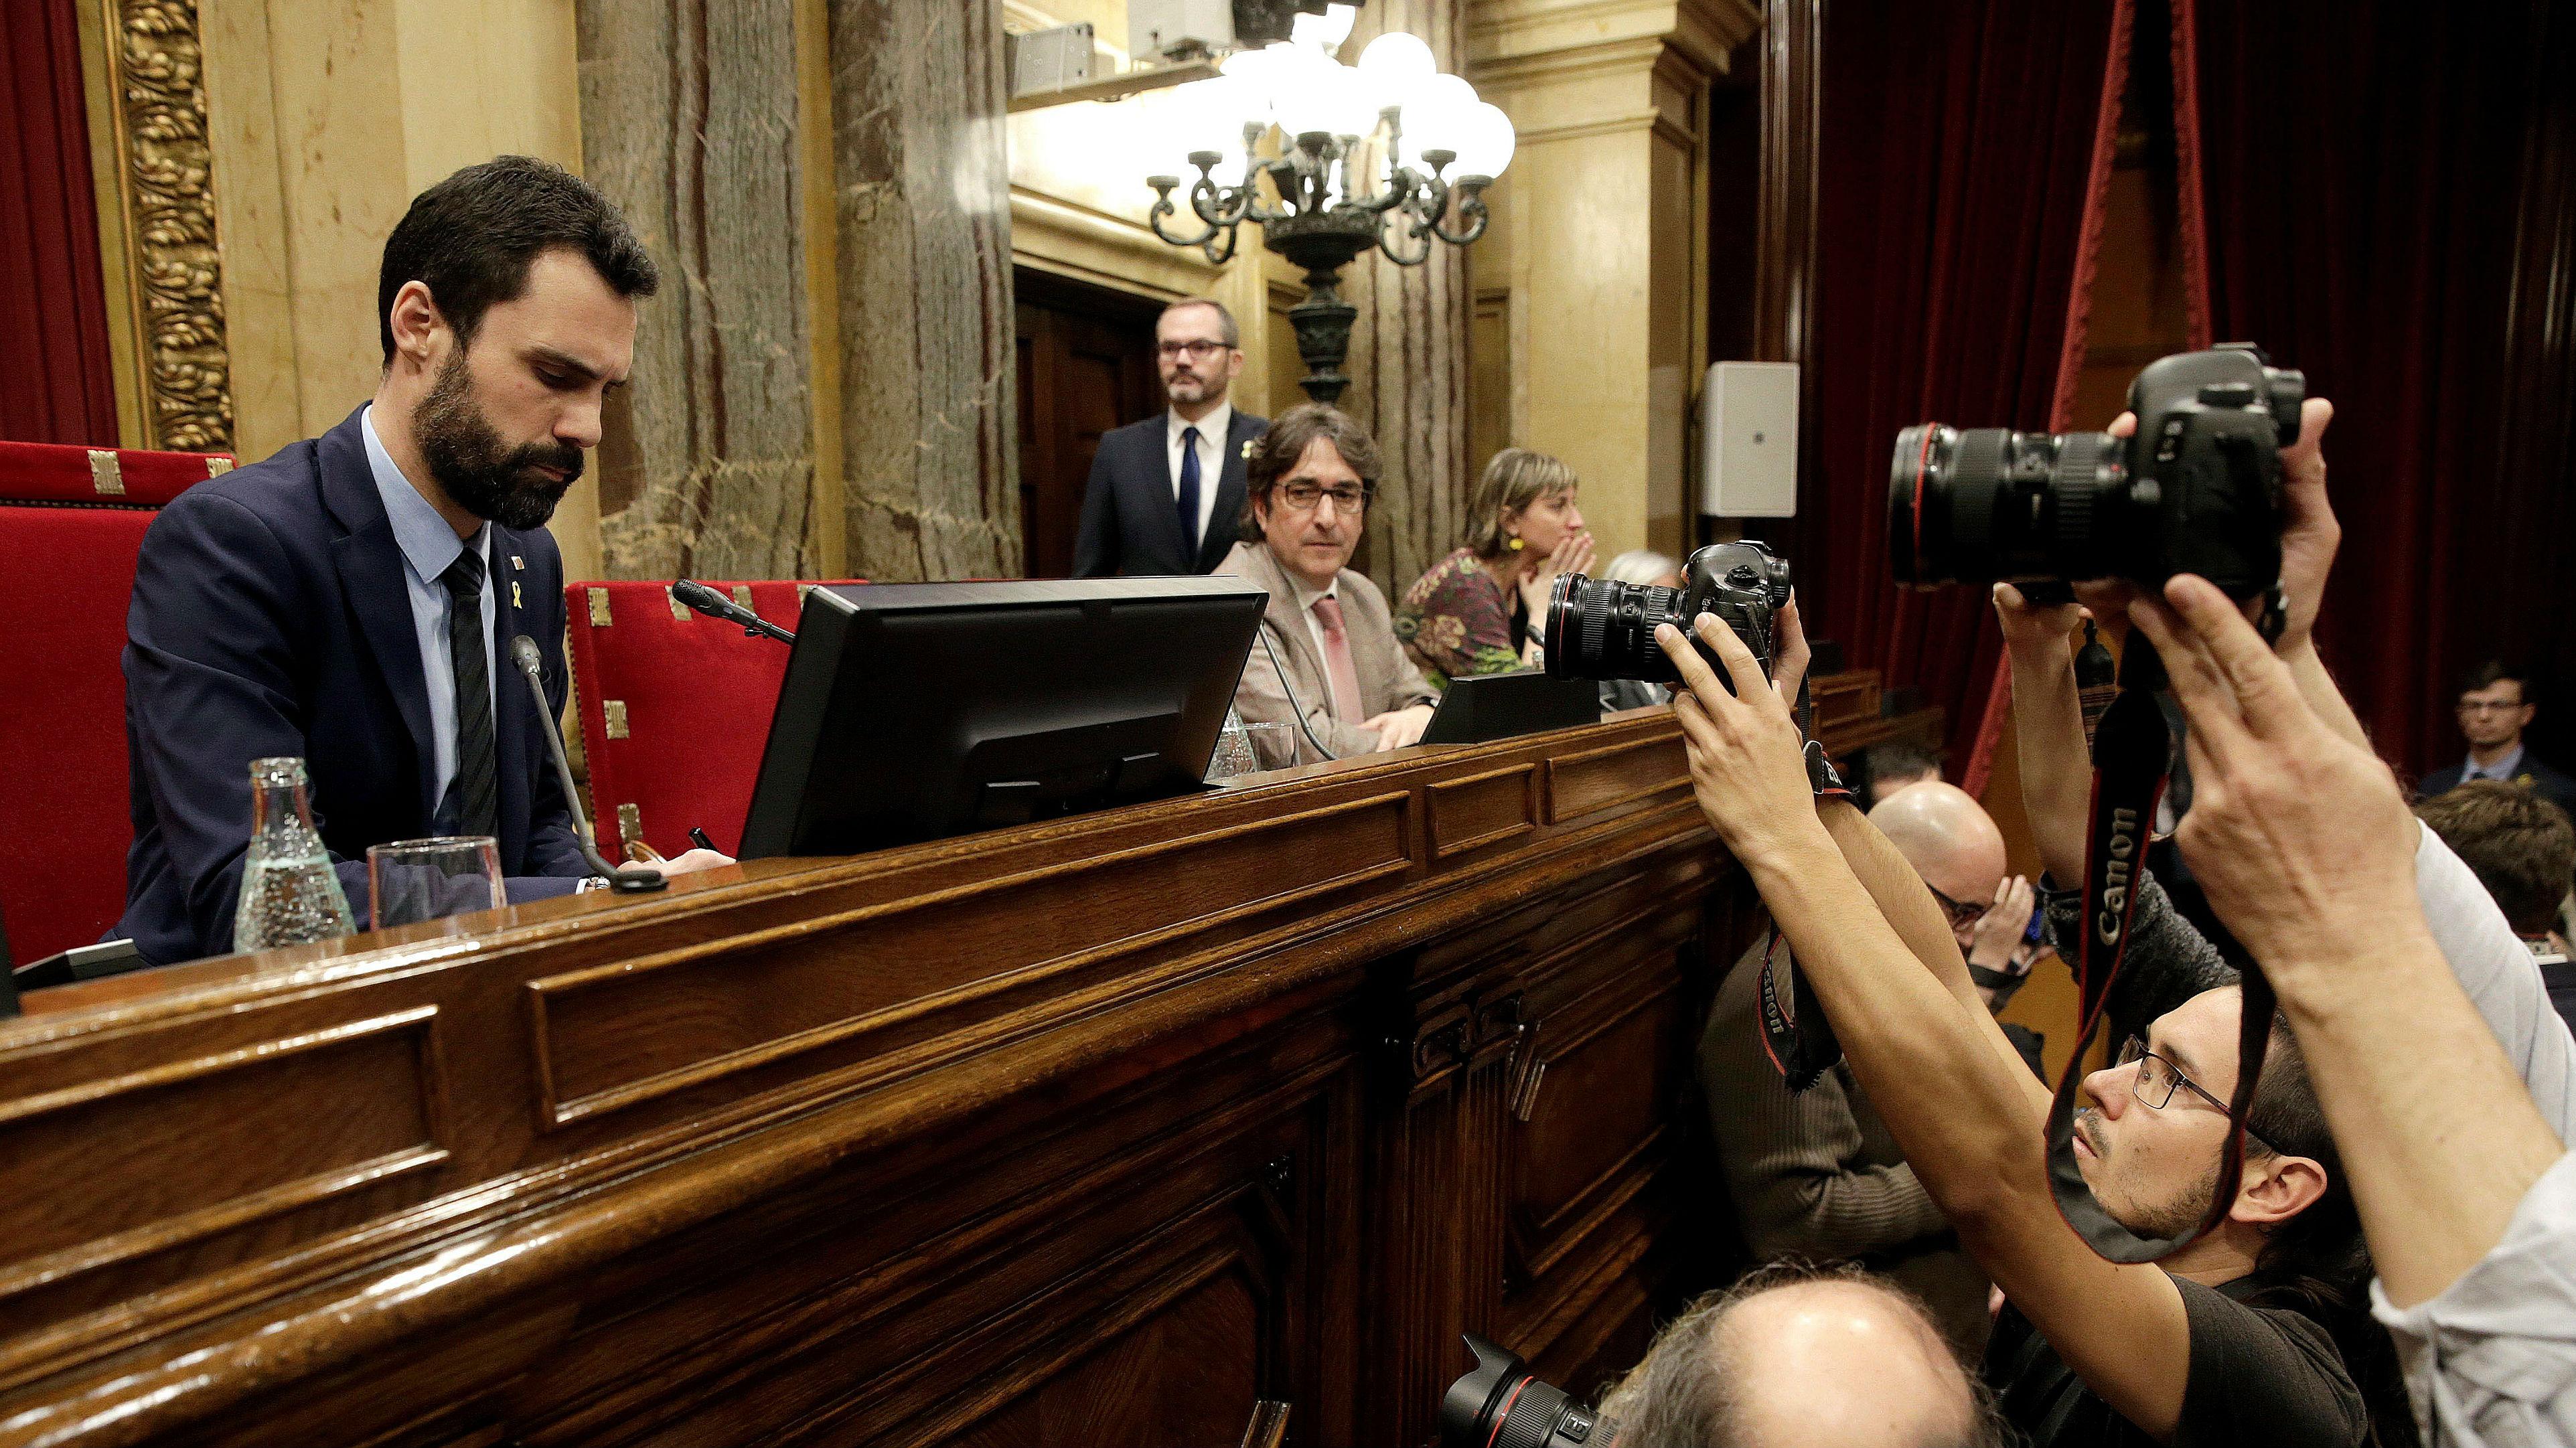 Últimas noticias de Catalunya: Segunda sesión del pleno de investidura tras los encarcelamientos de los exconsellers | Directo (ES)